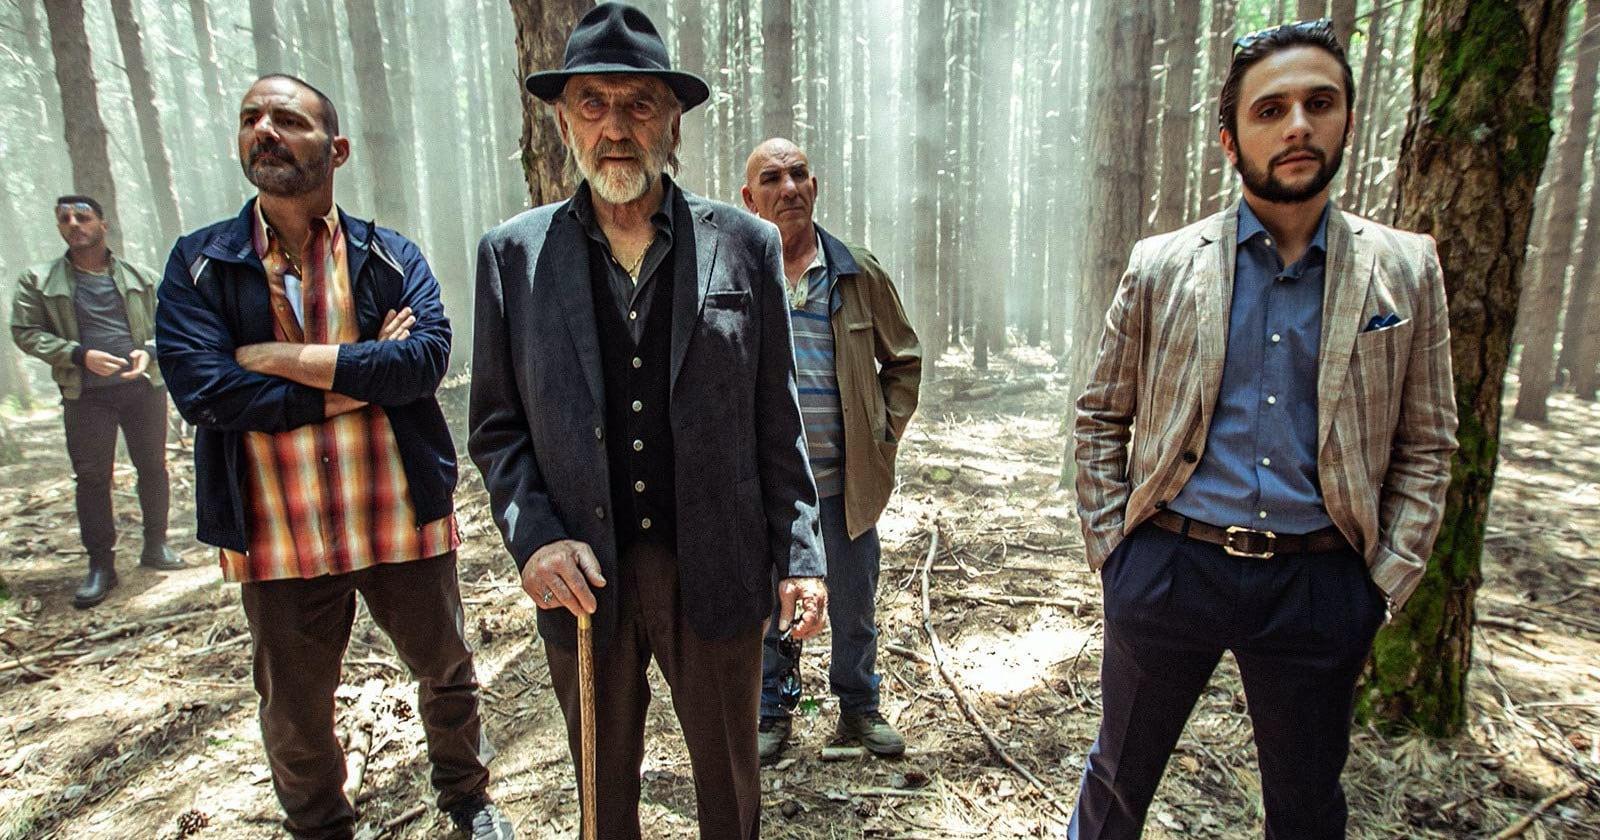 Cinco hombres, aparentemente mafiosos, miran de frente a la cámara en medio de un bosque neblinoso. Escena de Zerozerozero, serie original de Amazon Prime Video.